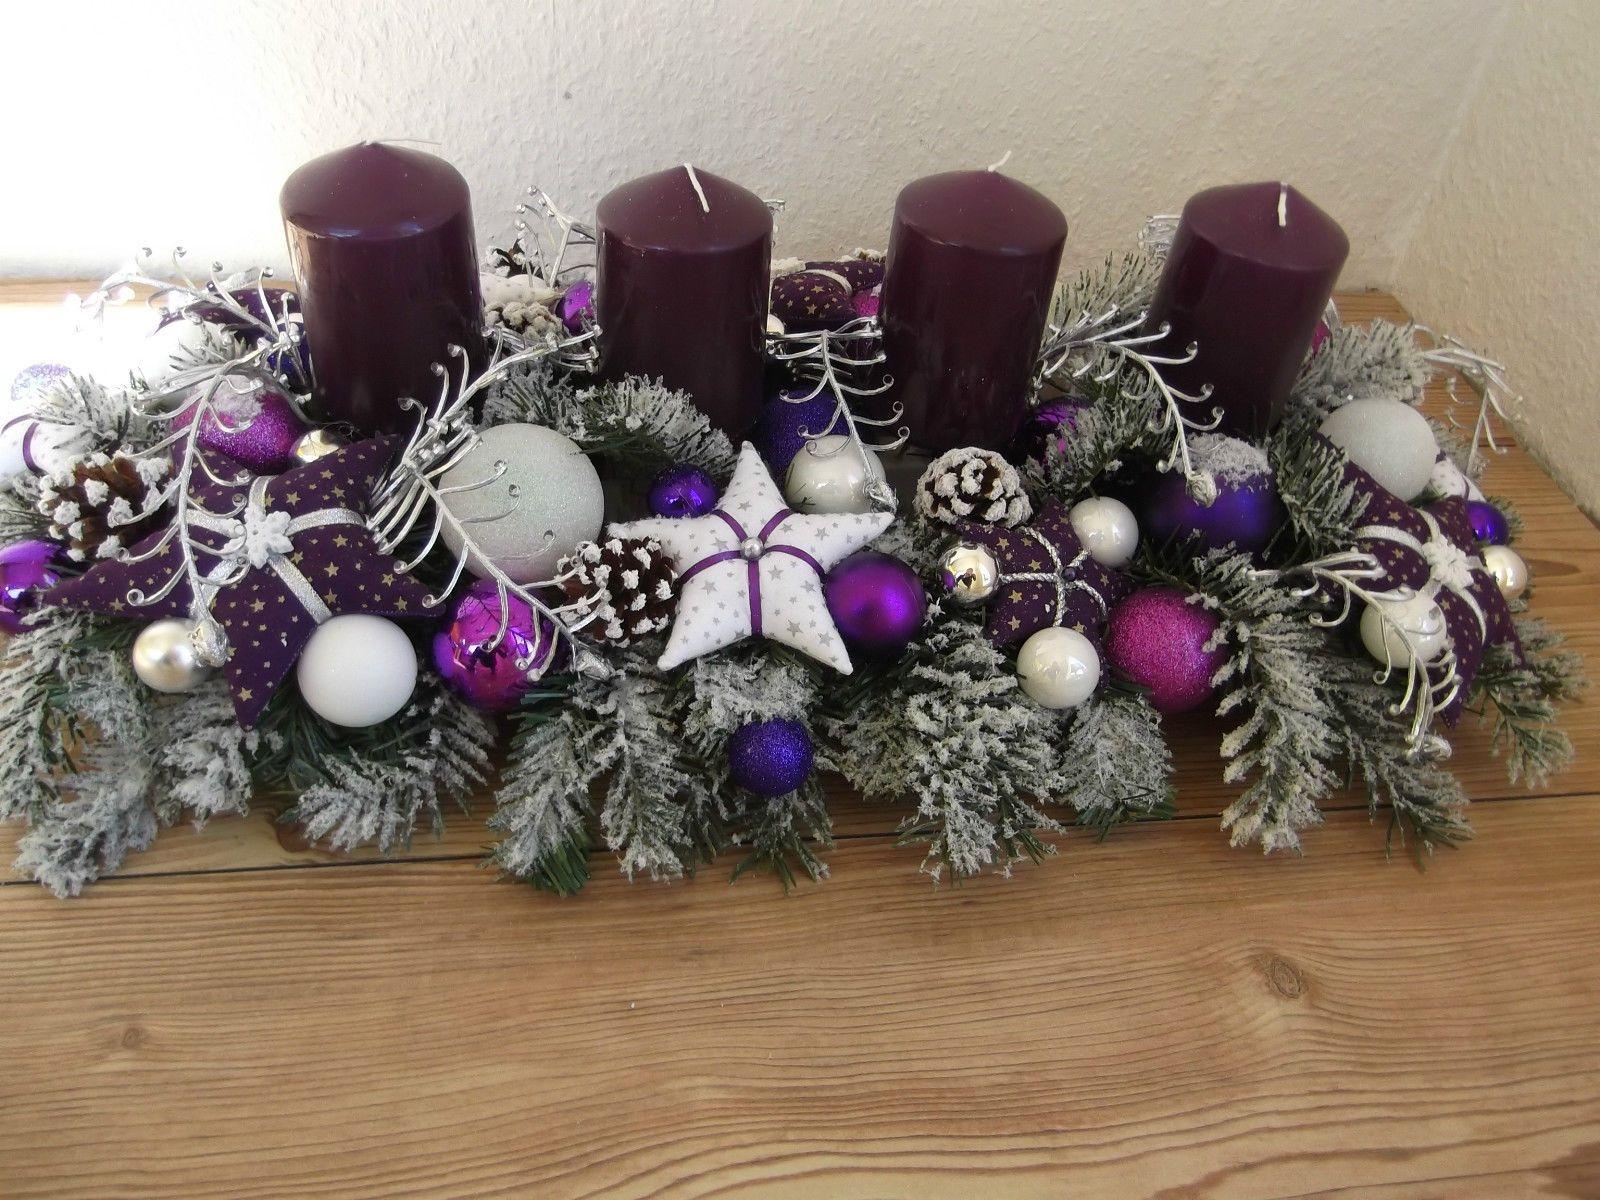 tischgesteck advent weihnachtsgesteck adventskranz lila weiss tilda ebay weihnachten. Black Bedroom Furniture Sets. Home Design Ideas